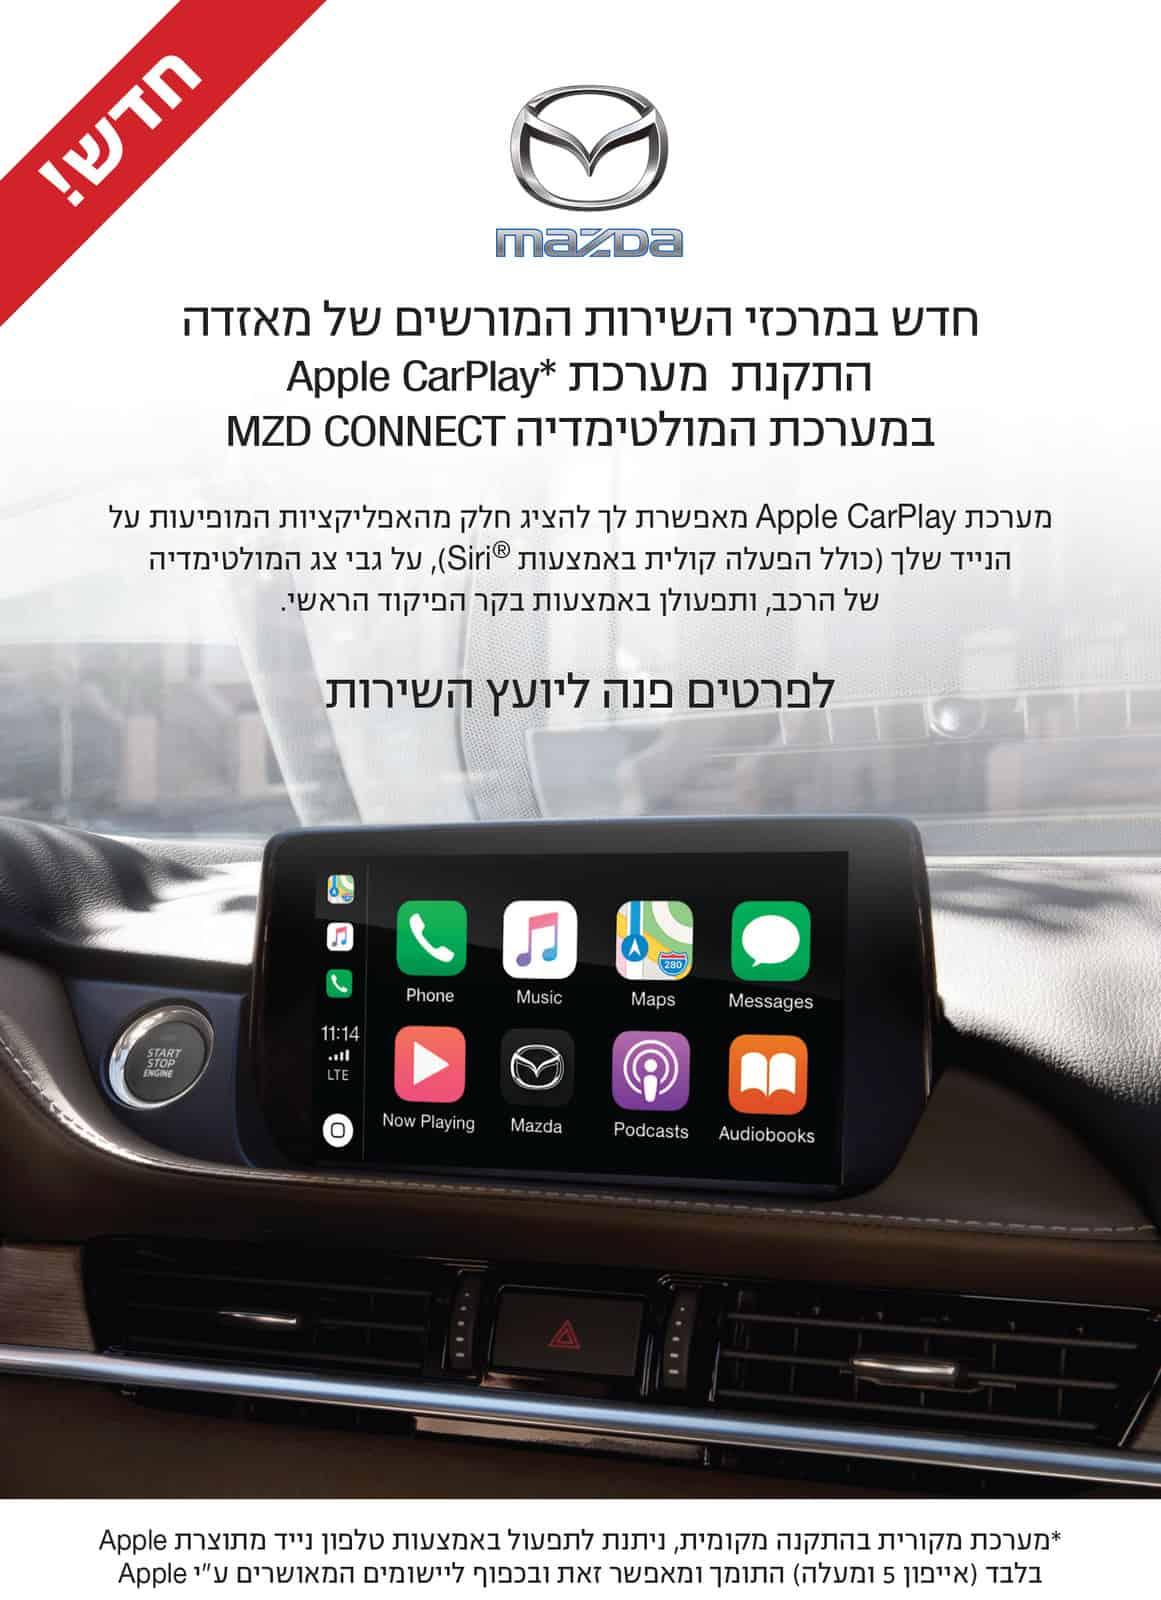 Apple-CarPlay במרכז השירות של מזדה